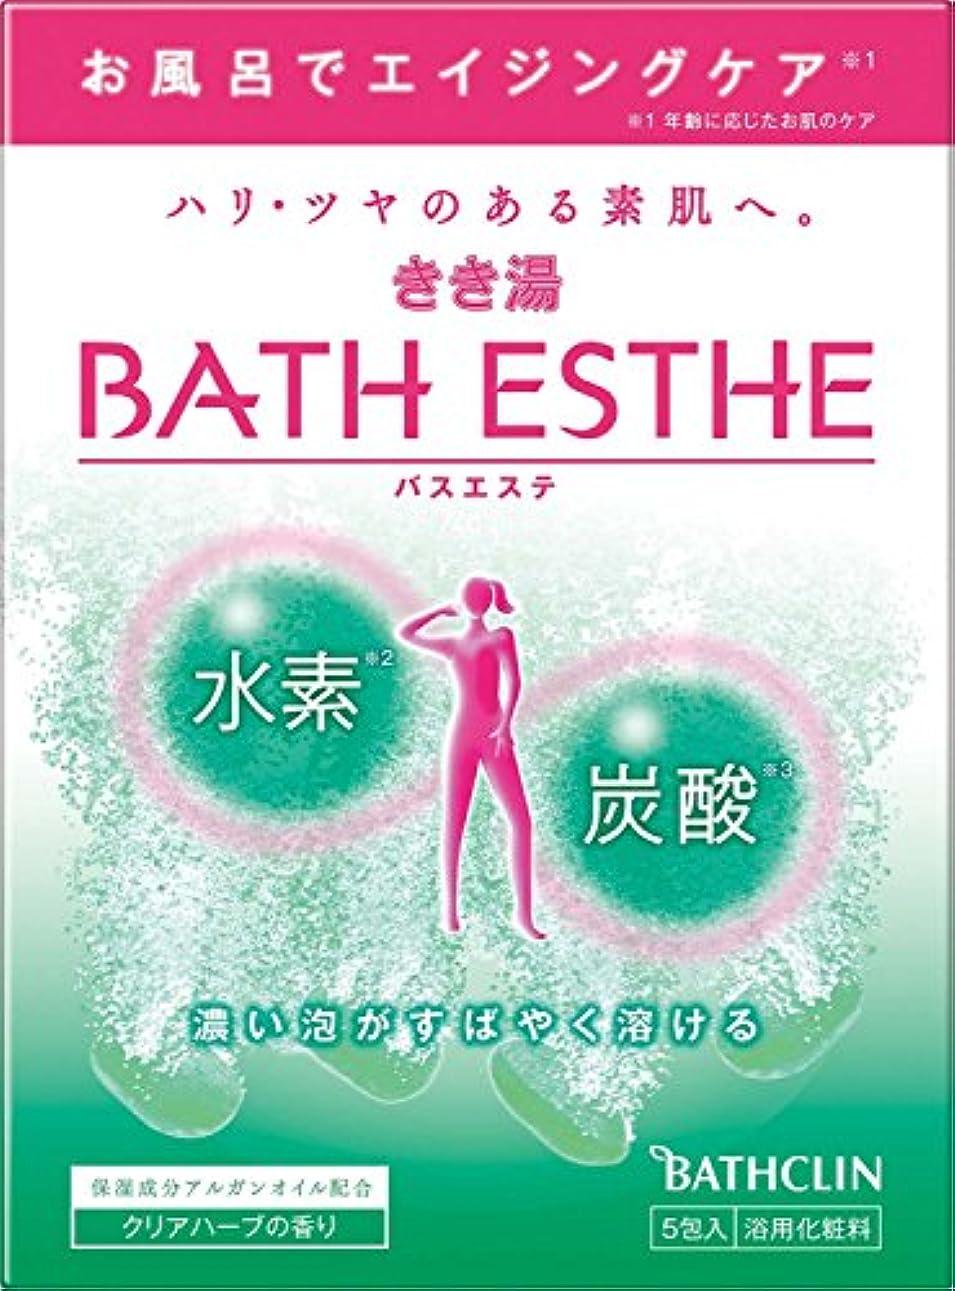 残酷不平を言うピジンきき湯バスエステ炭酸水素入浴剤 クリアハーブの香り50g×5包入り 入浴剤 発泡タイプ 個包装